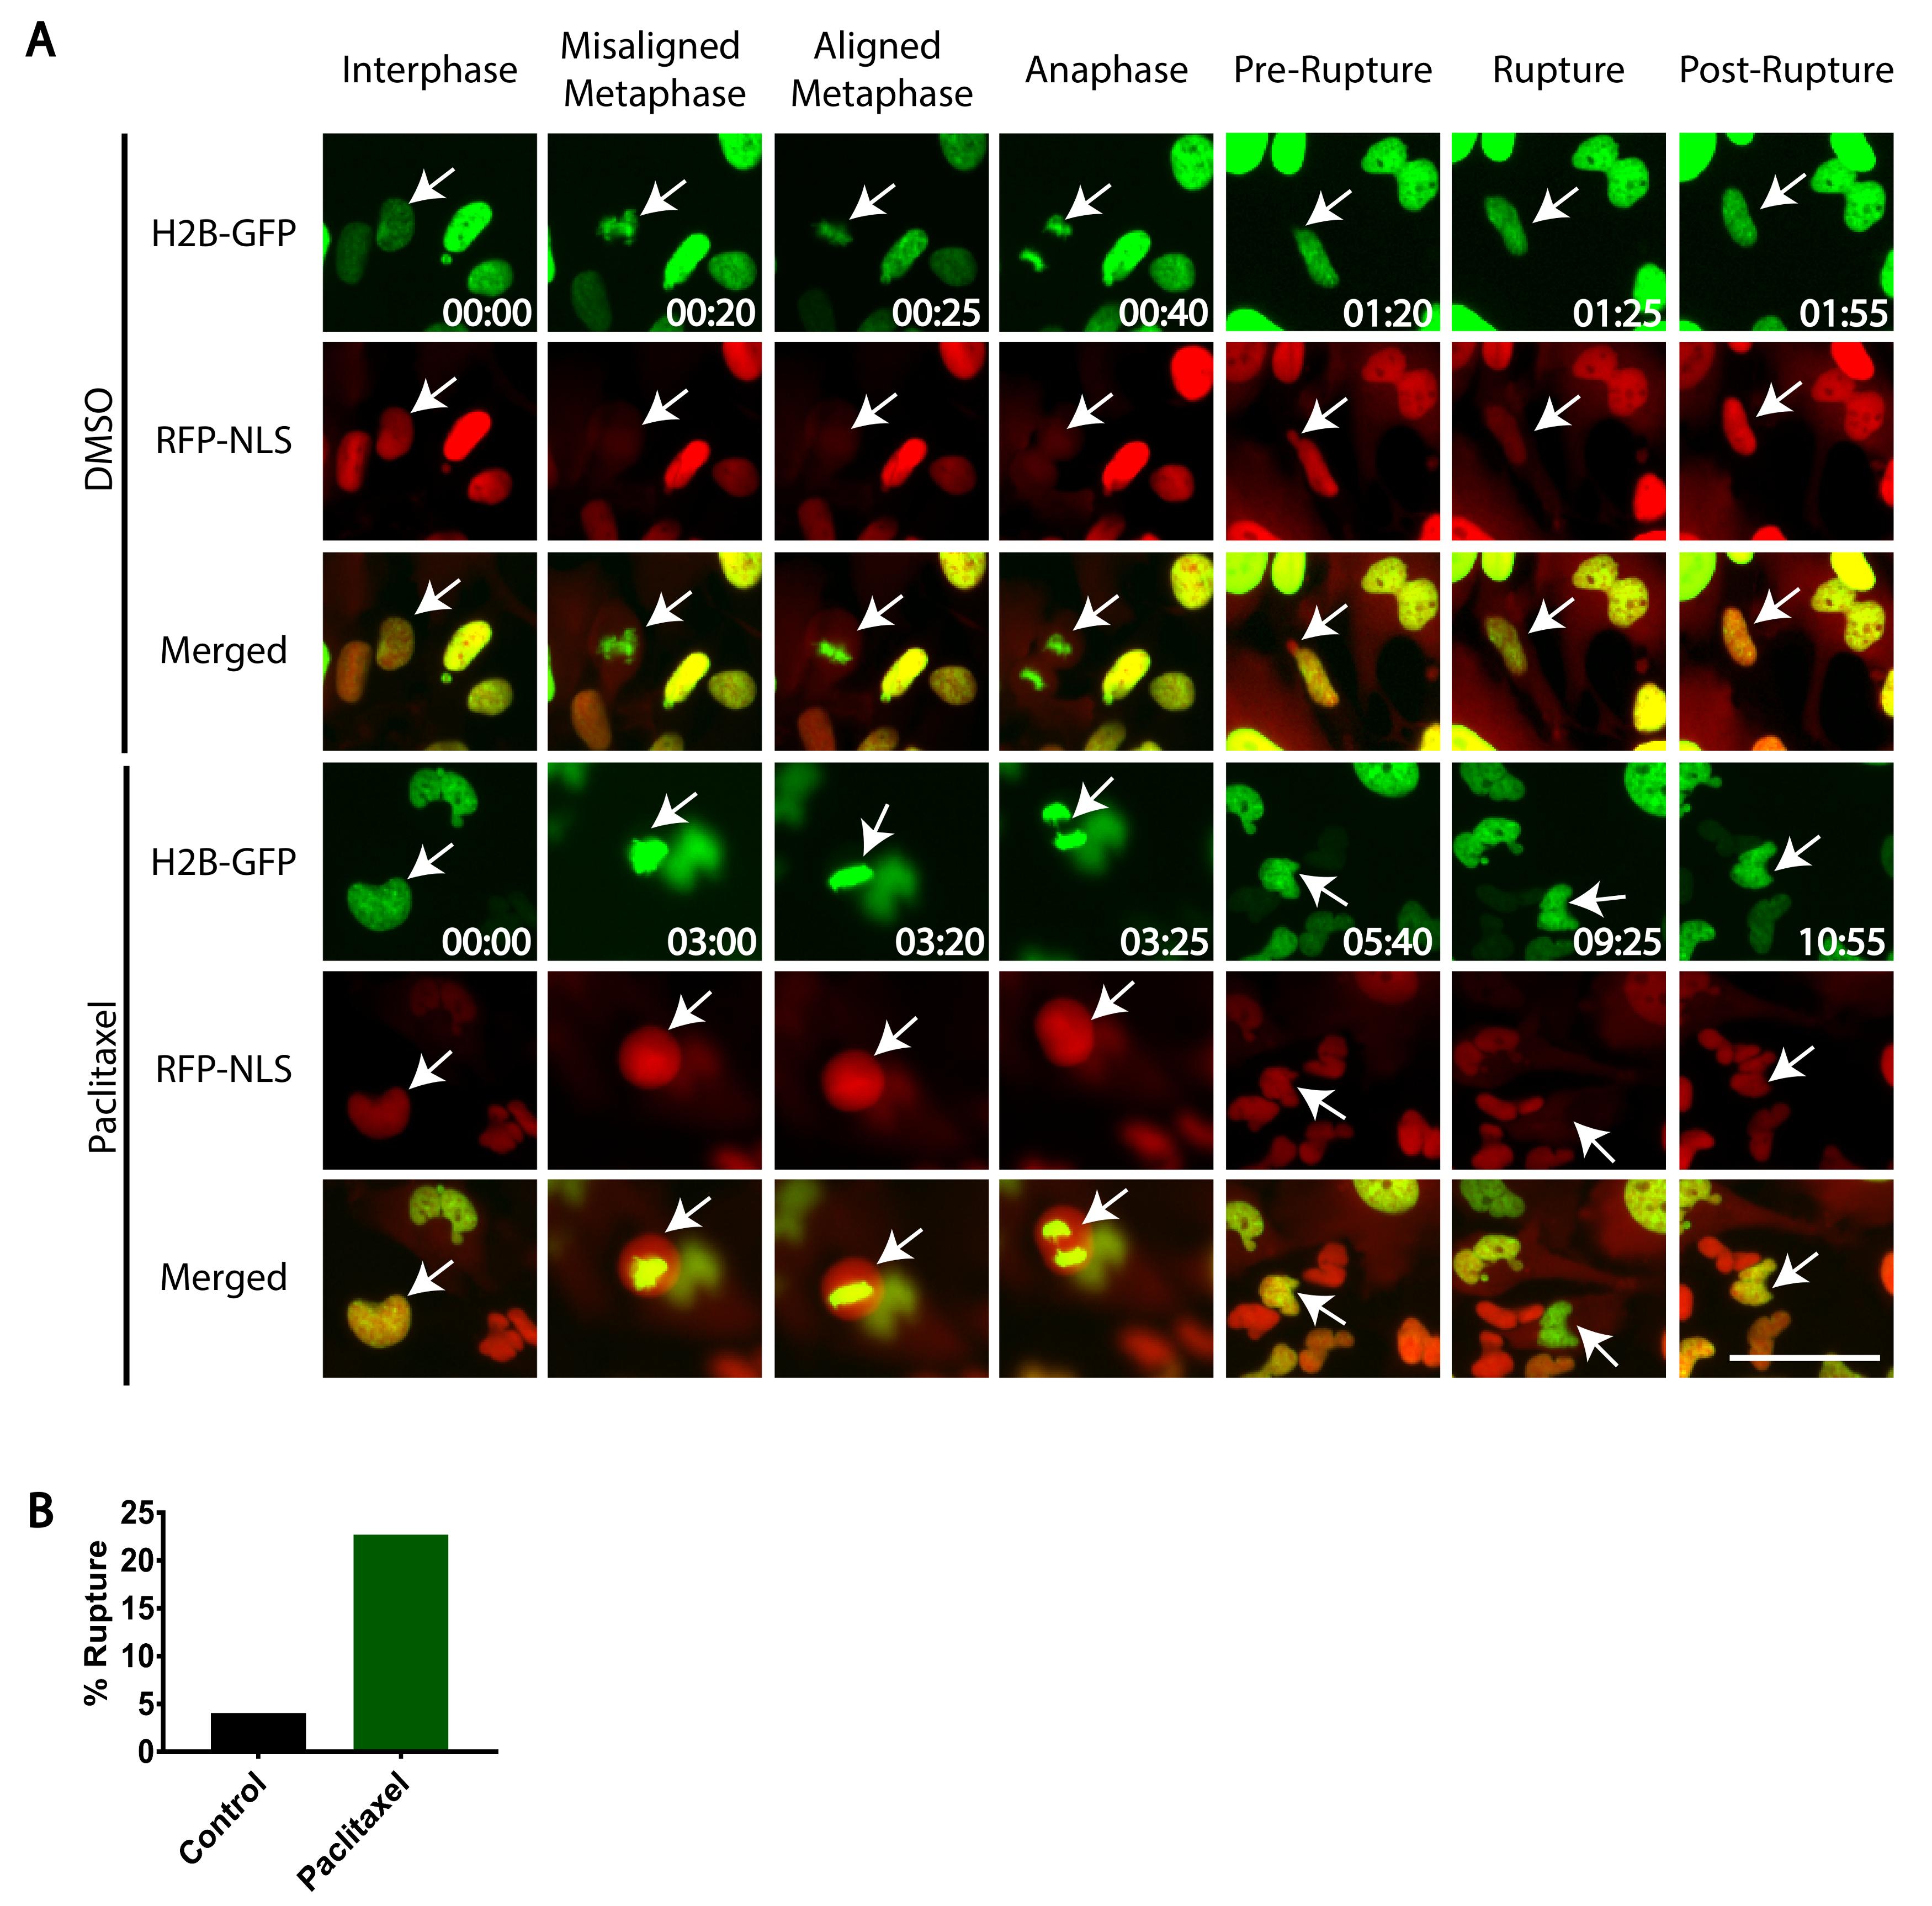 ... a fração de células (n   100 por condição) que mostre a ruptura do  envelope nuclear após a mitose 51f5928273b